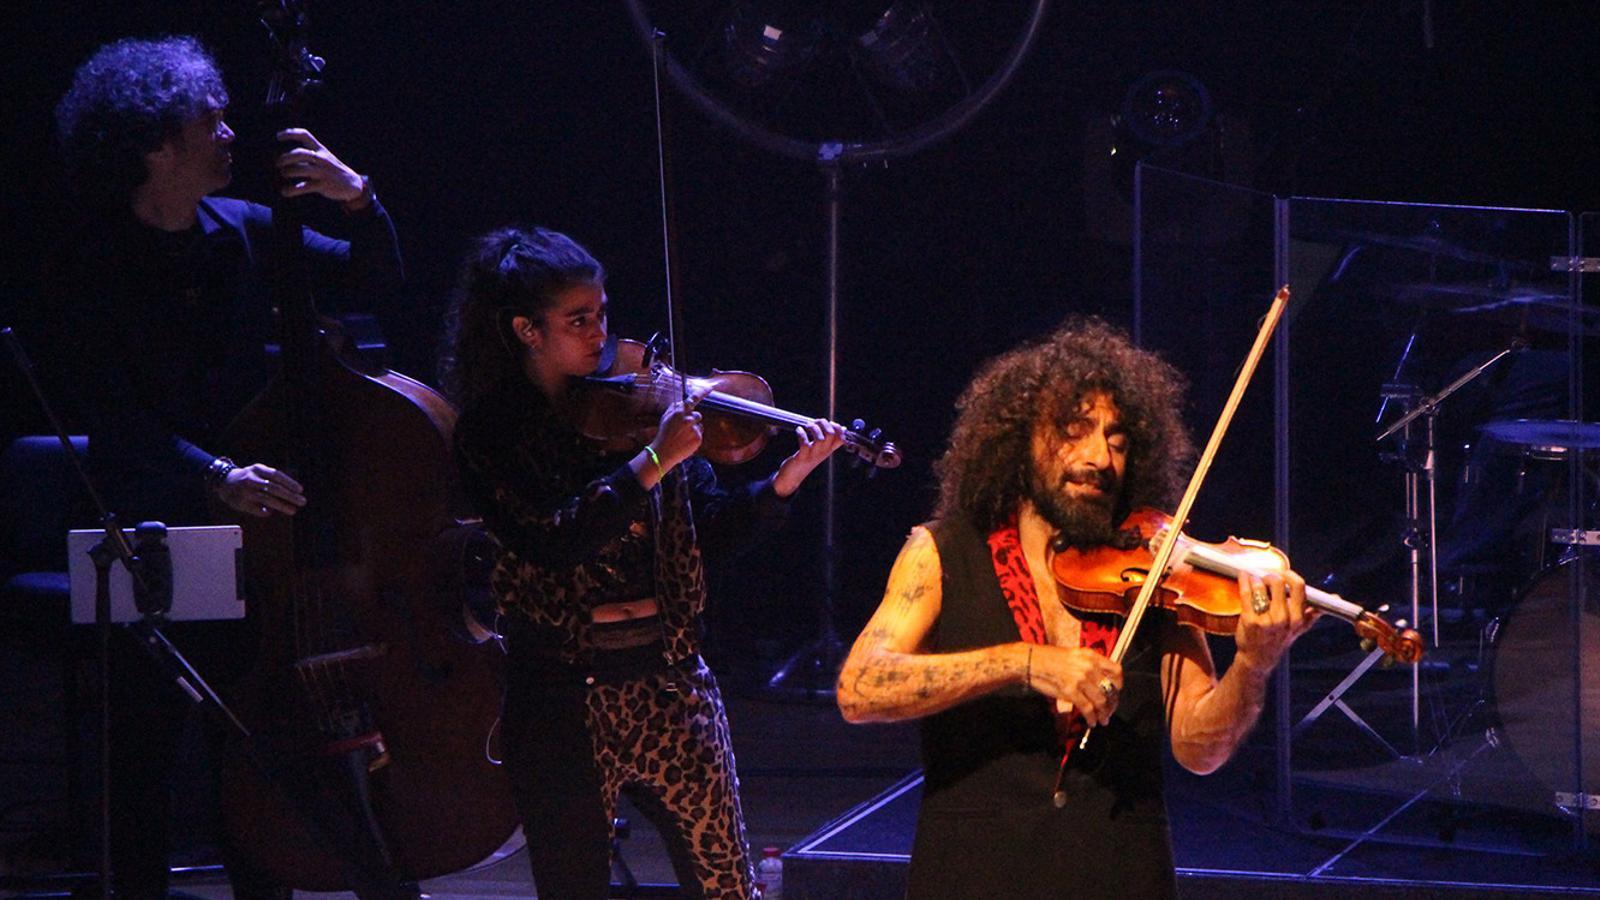 El violinista Ara Malikian, durant l'actuació. / M. F. (ANA)